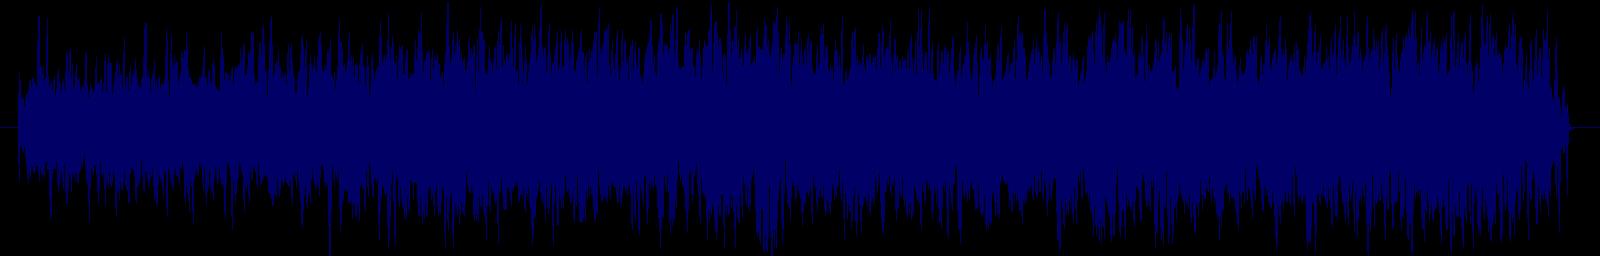 waveform of track #148998